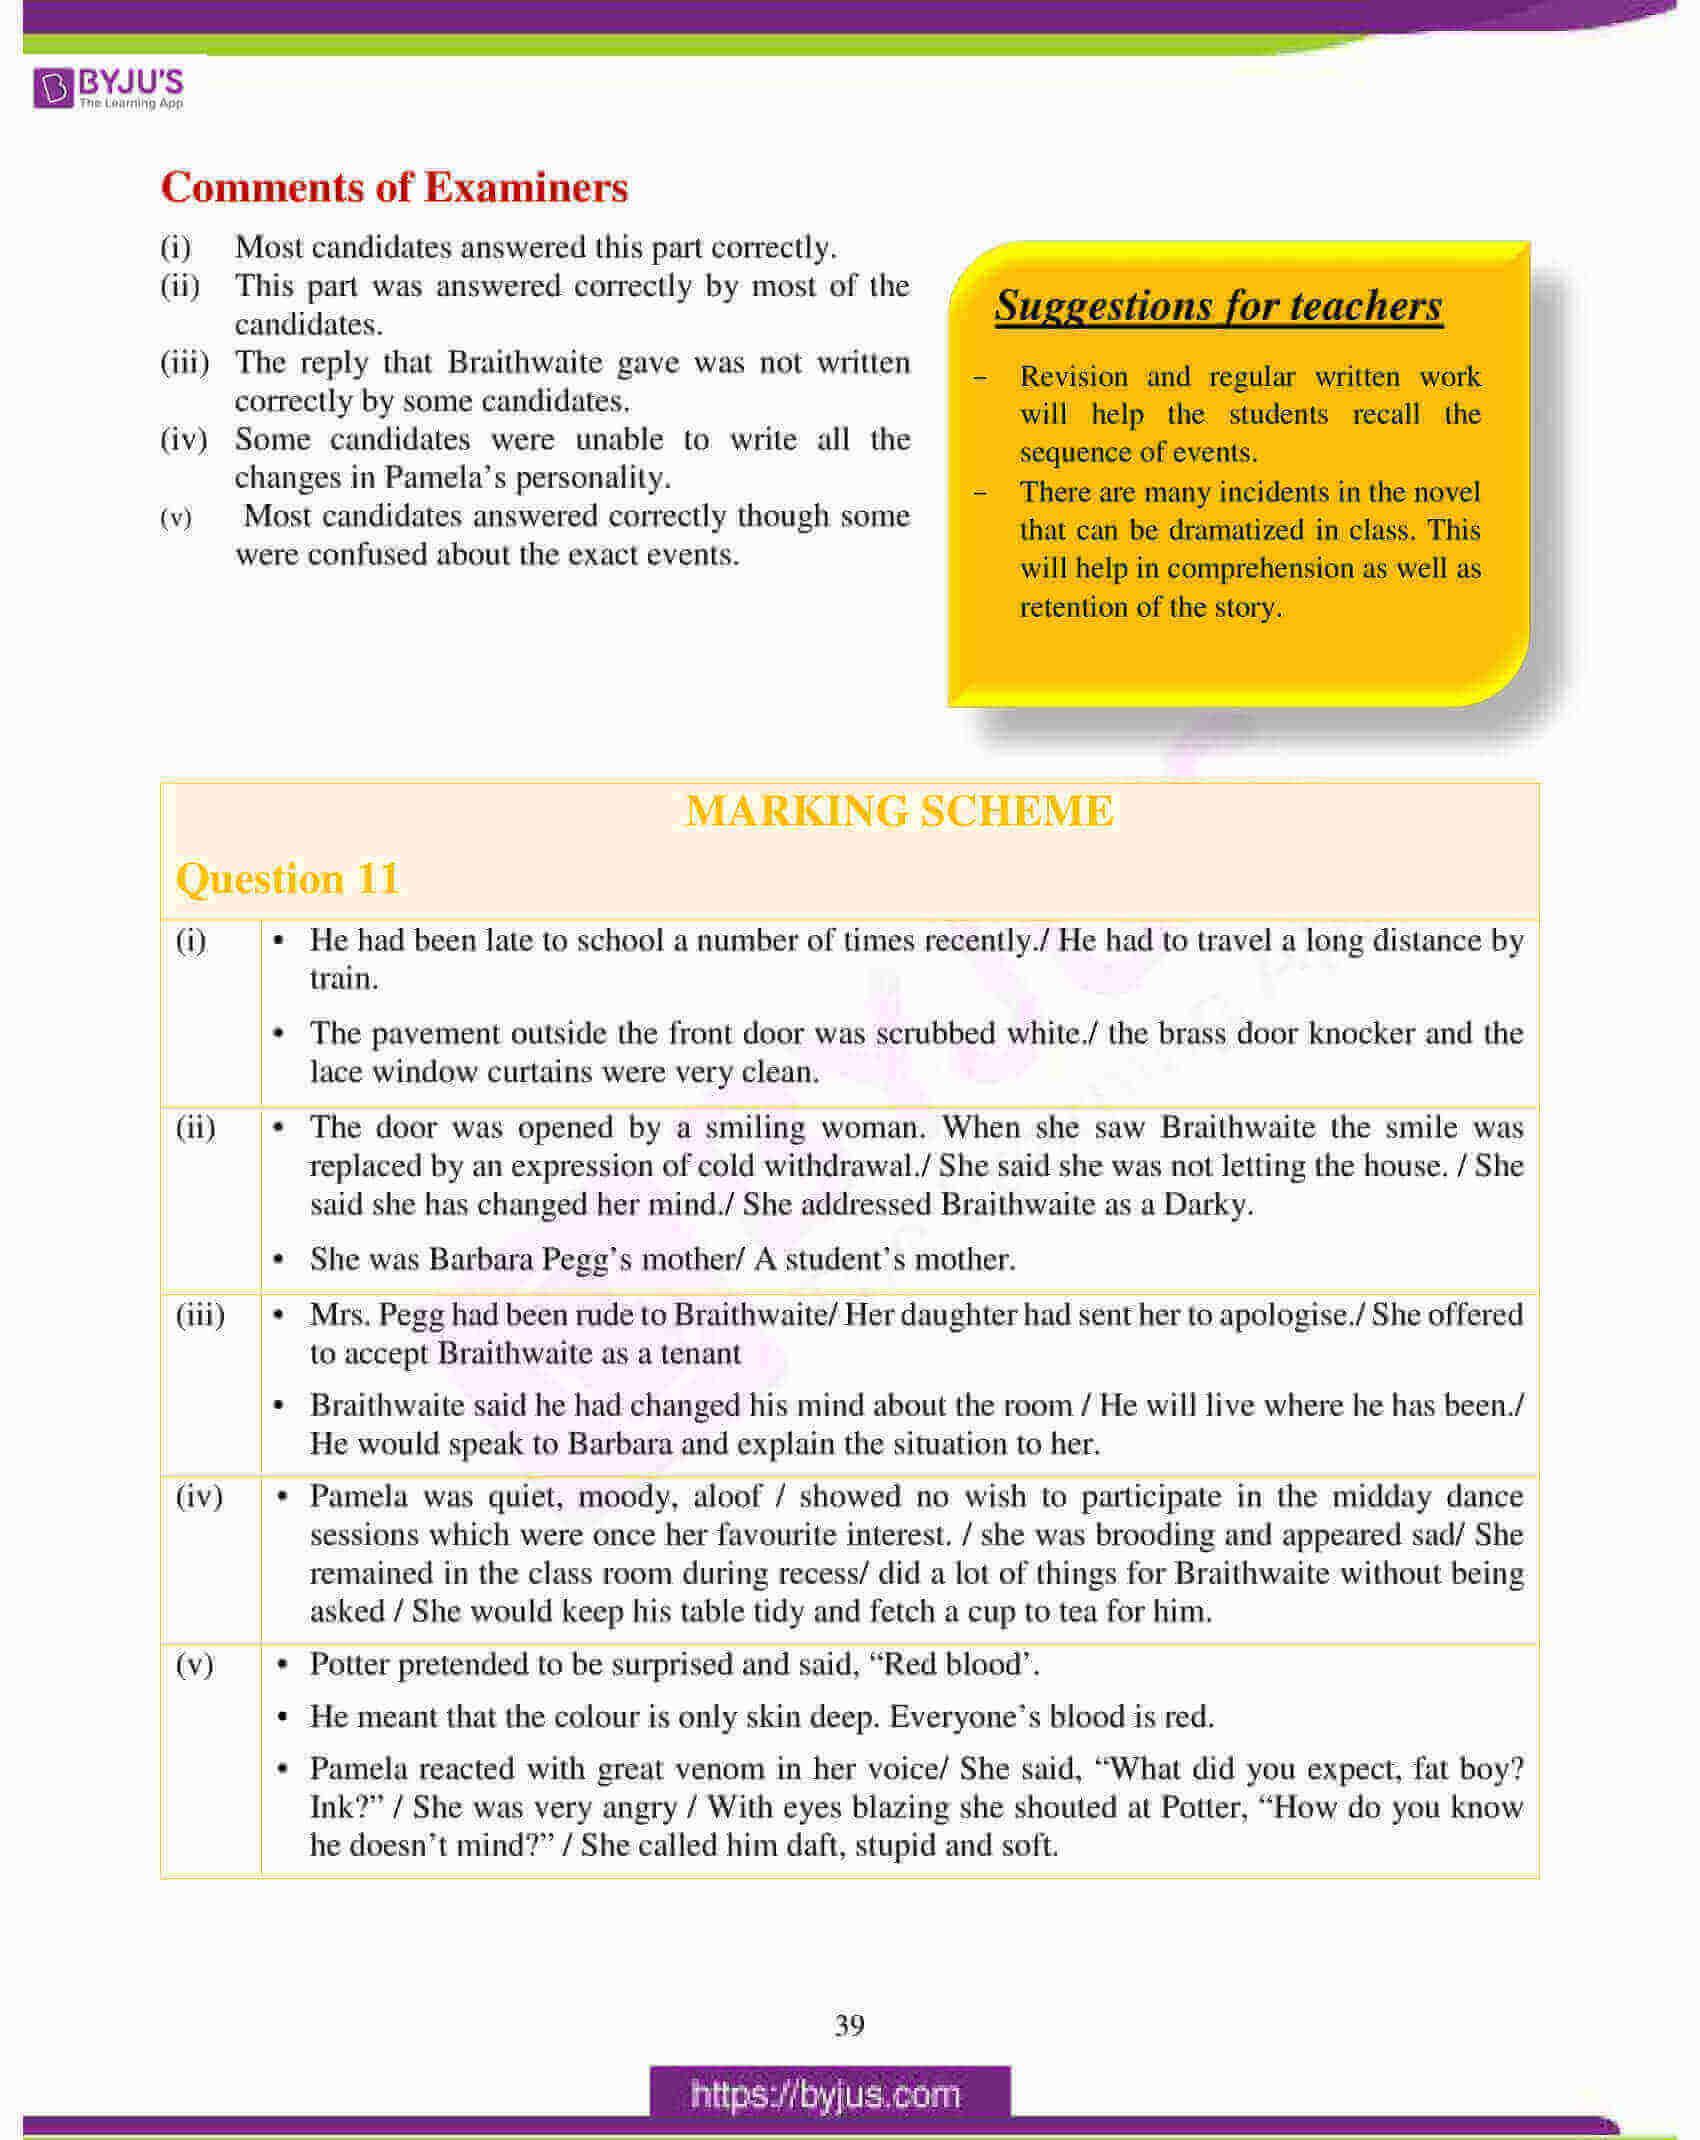 icse class 10 eng lit question paper solution 2017 19